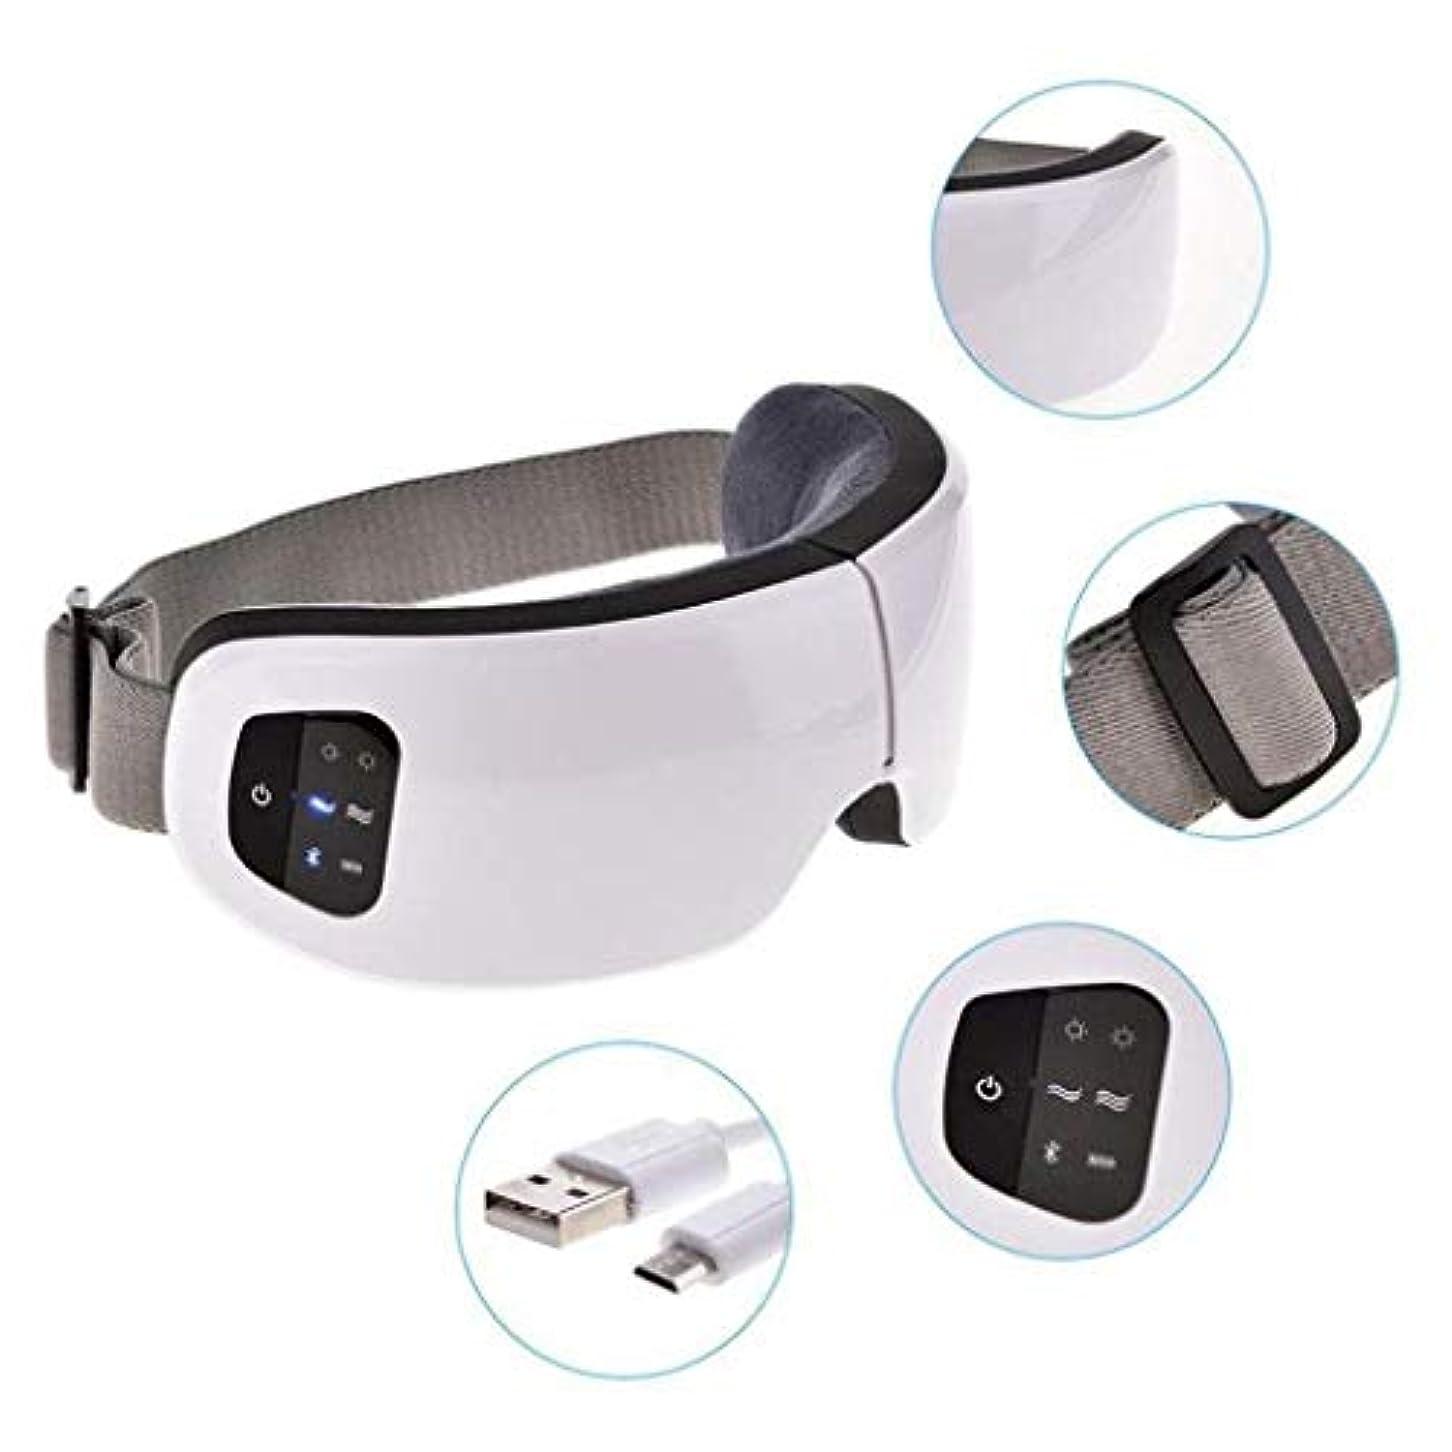 ピース記念アカデミックホットプレス充電式ワイヤレスアイマッサージャーマスク空気圧振動とBluetooth機能付きアイバッグ、ダークサークル、アイ疲労、ドライアイ